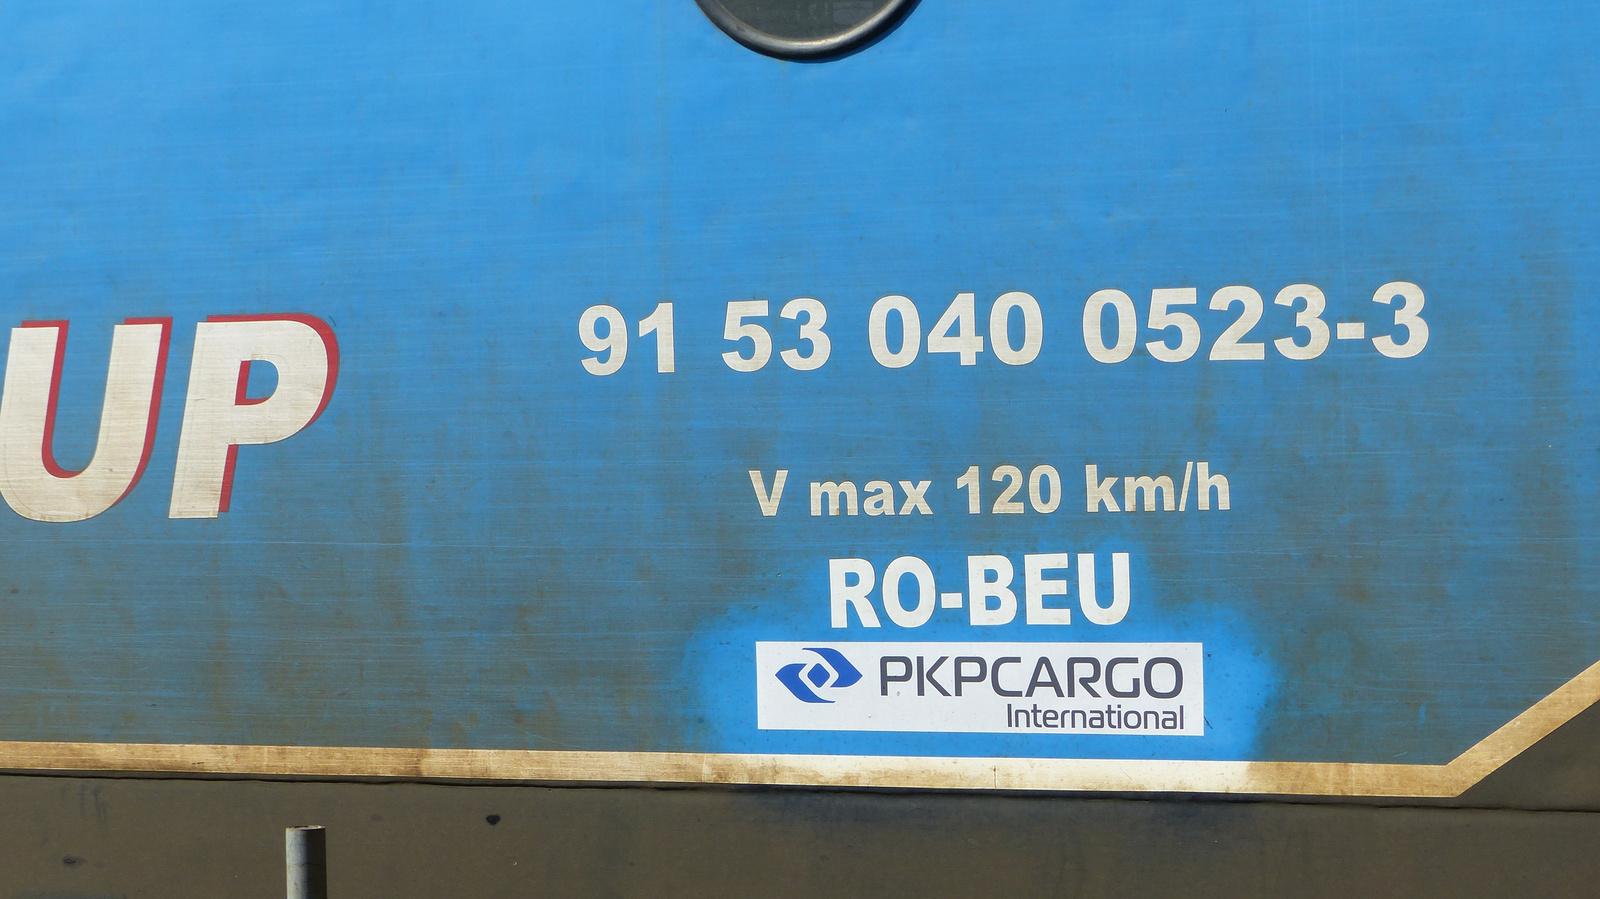 RO-BEU 91 53 040 0523-3, SzG3